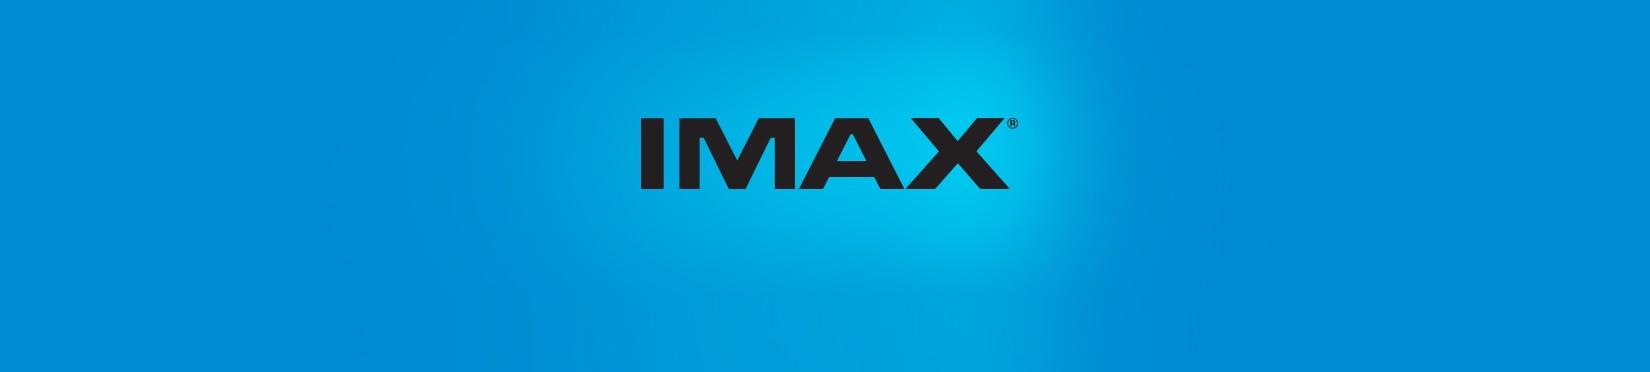 Imax Banner